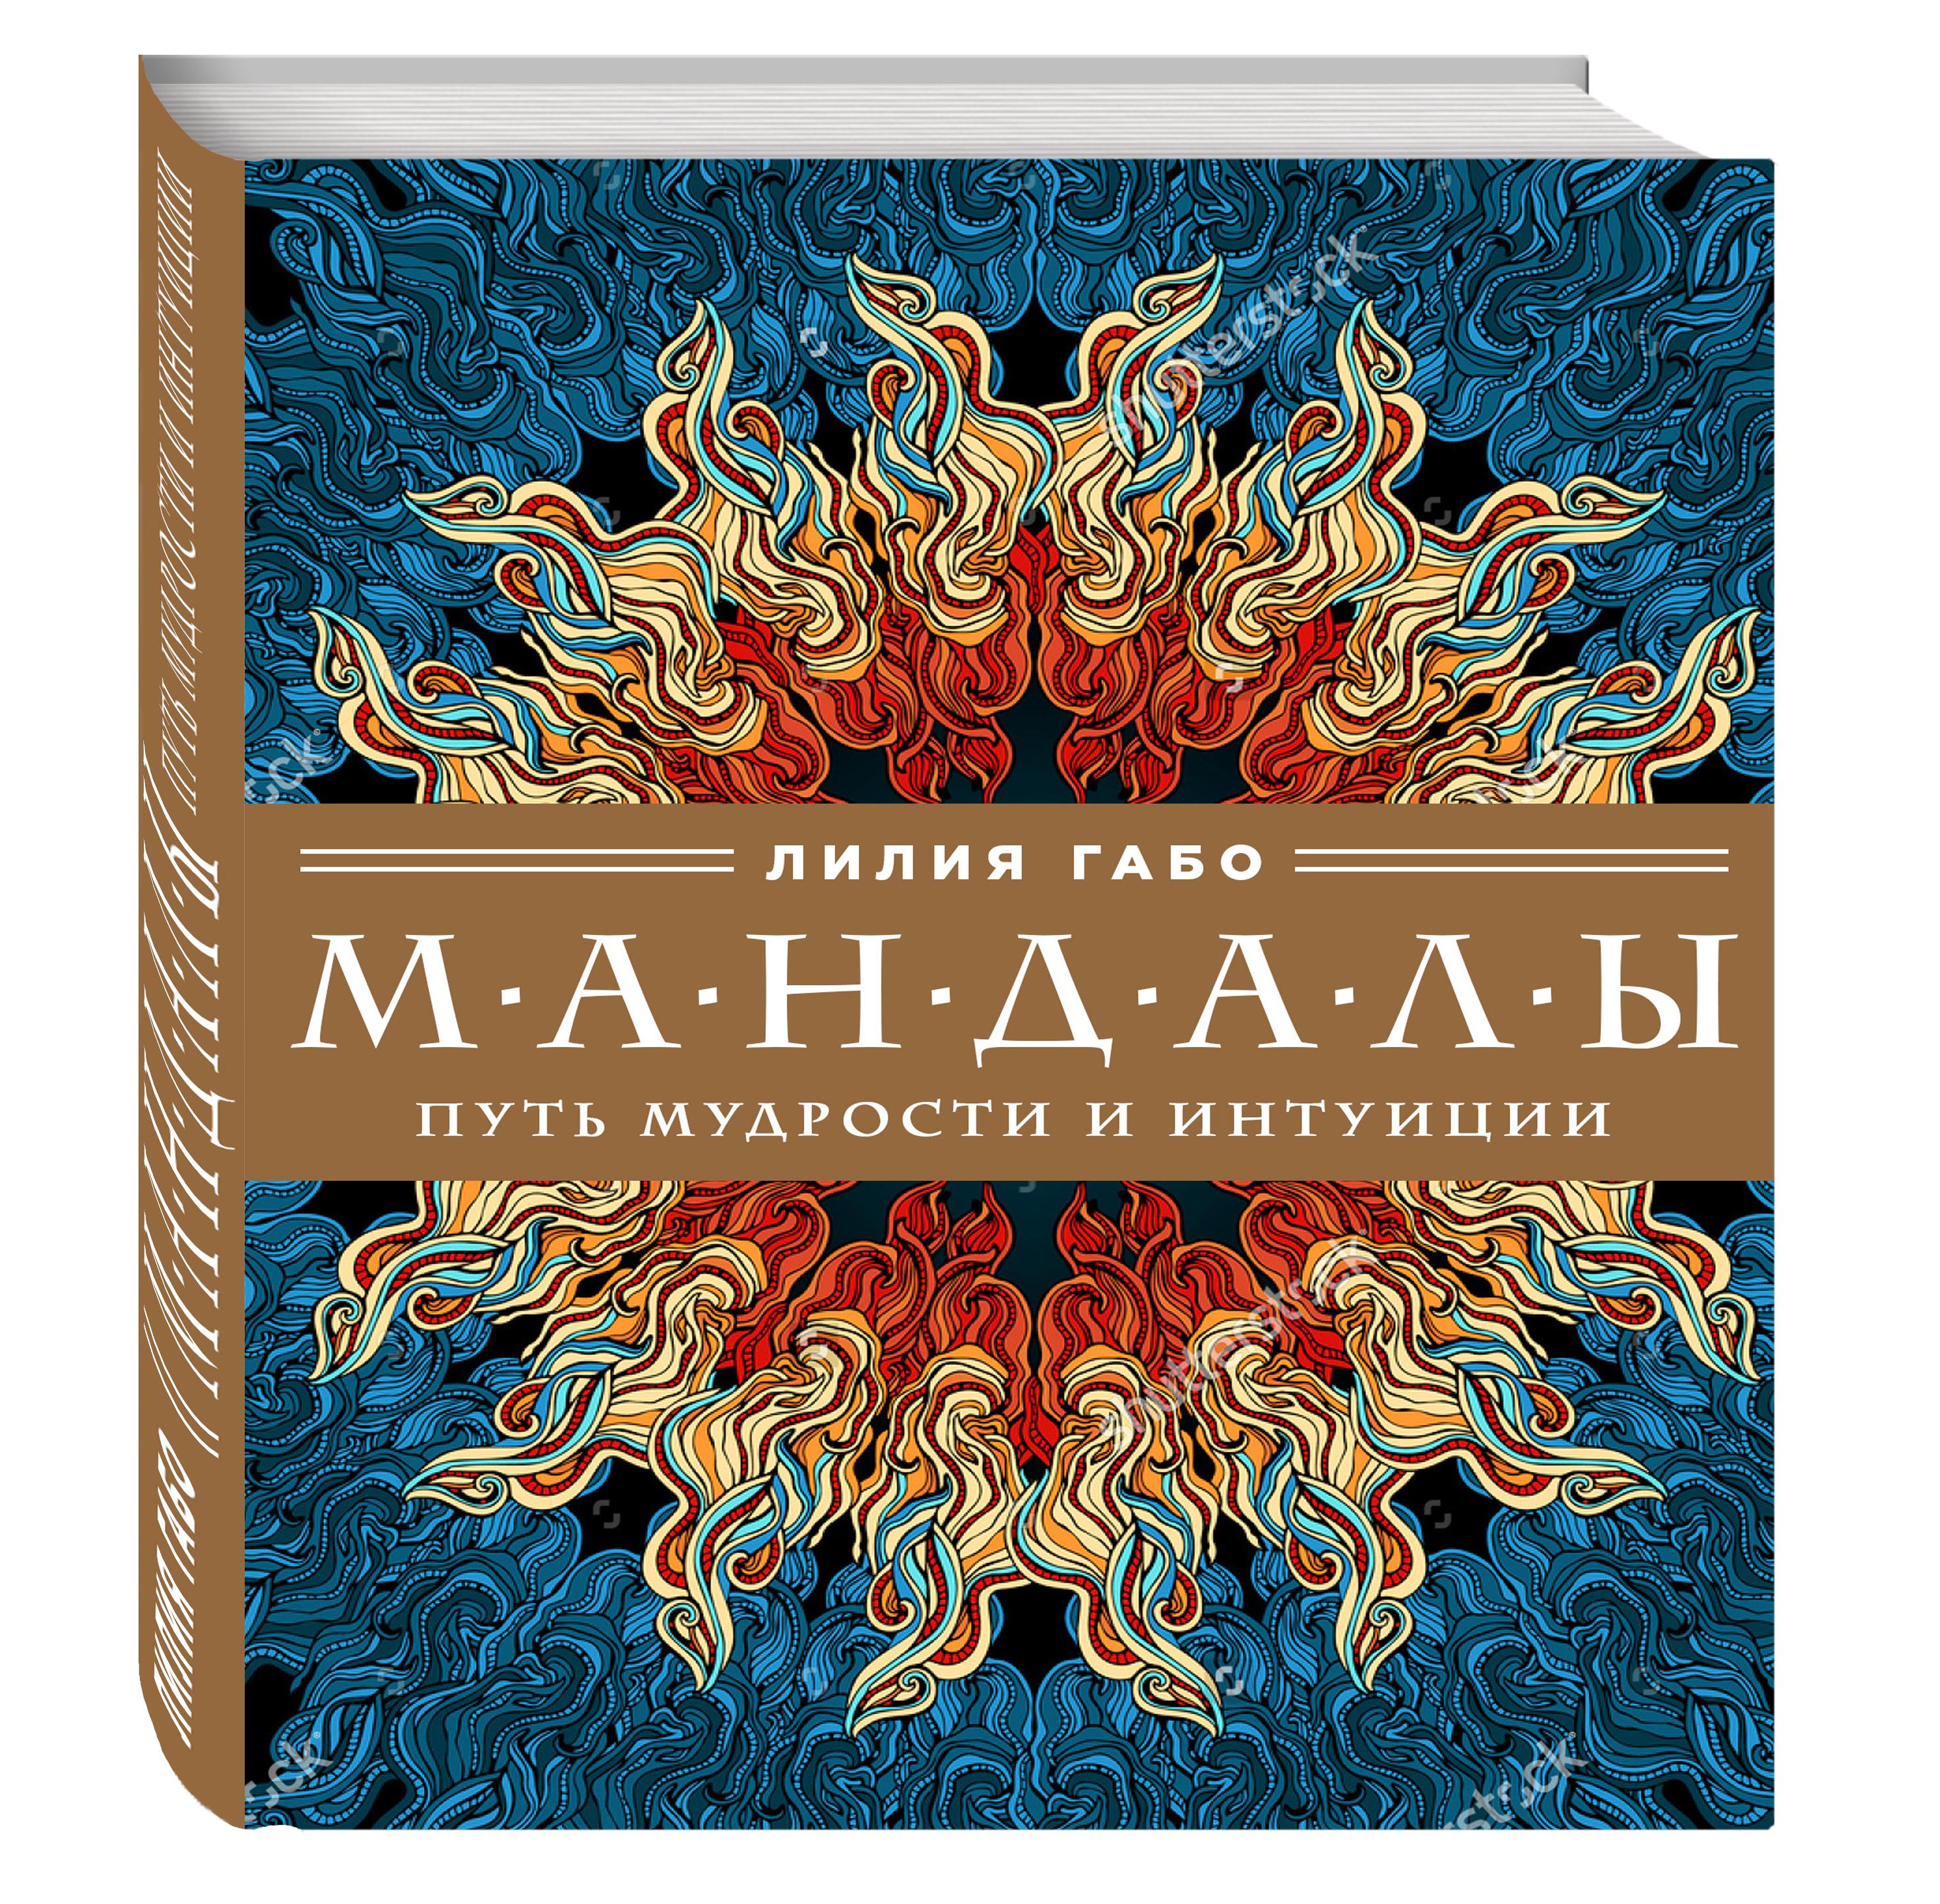 Лилия Габо Мандалы: путь мудрости и интуиции (комплект)